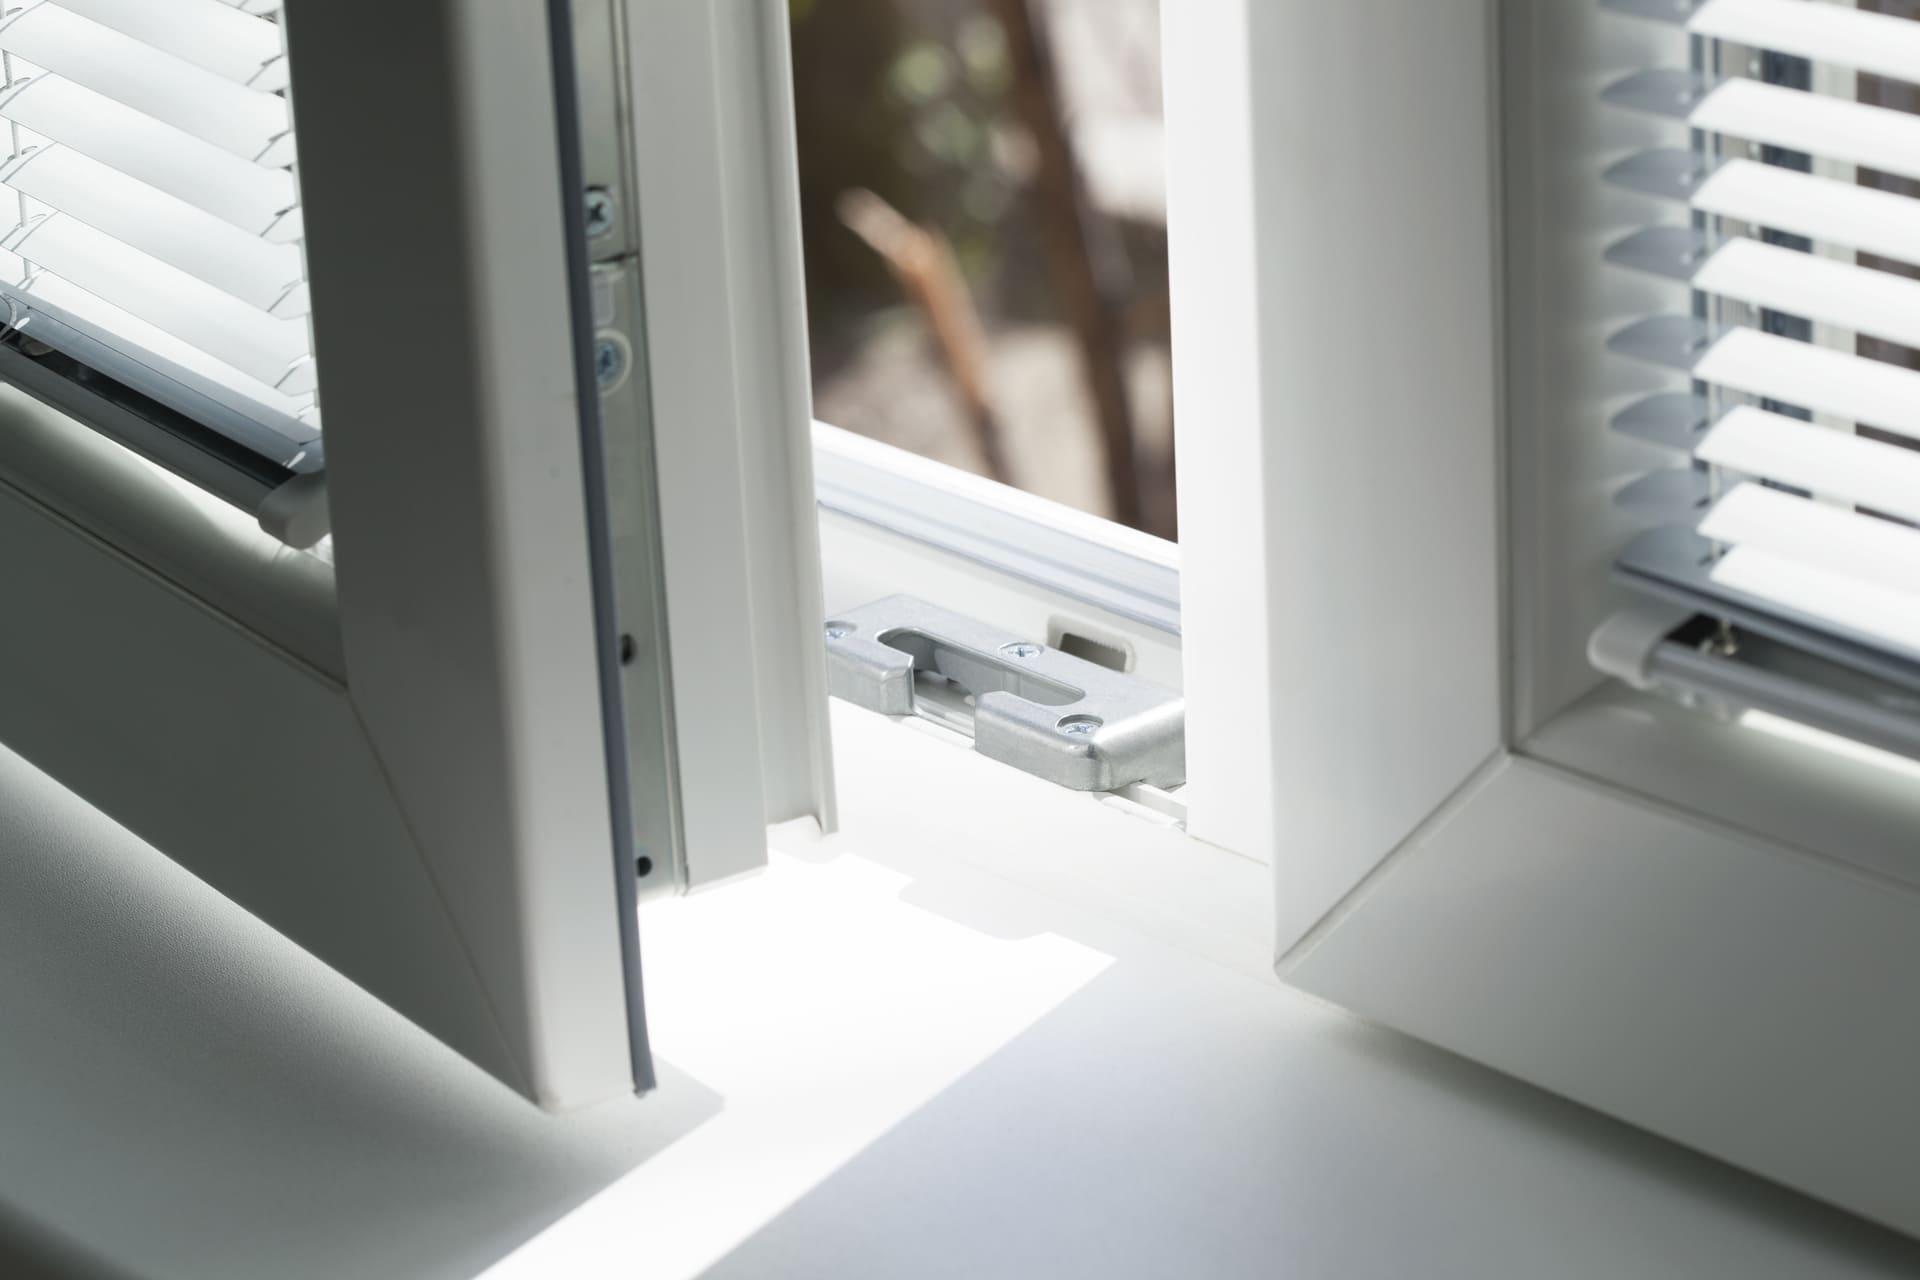 Offenes Fenster mit Pilzkopfsicherung